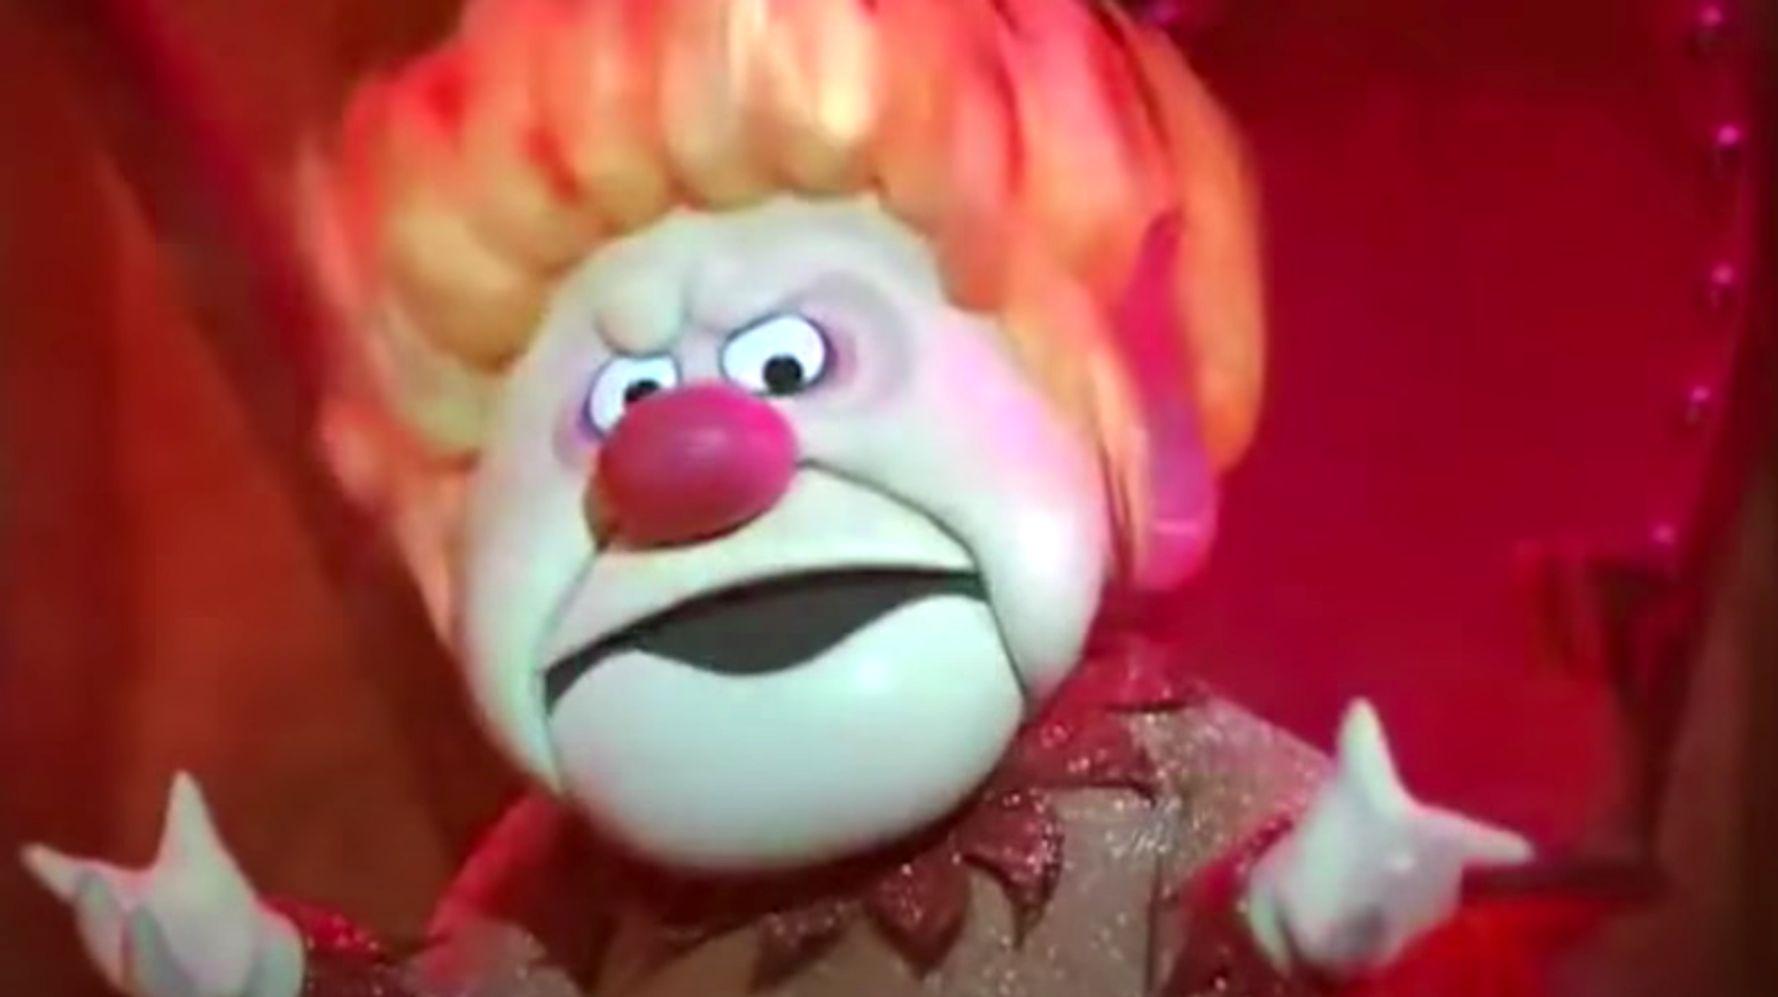 Киммел раскручивает праздничную классику в стиле Трампа « Год без Санта-Клауса »